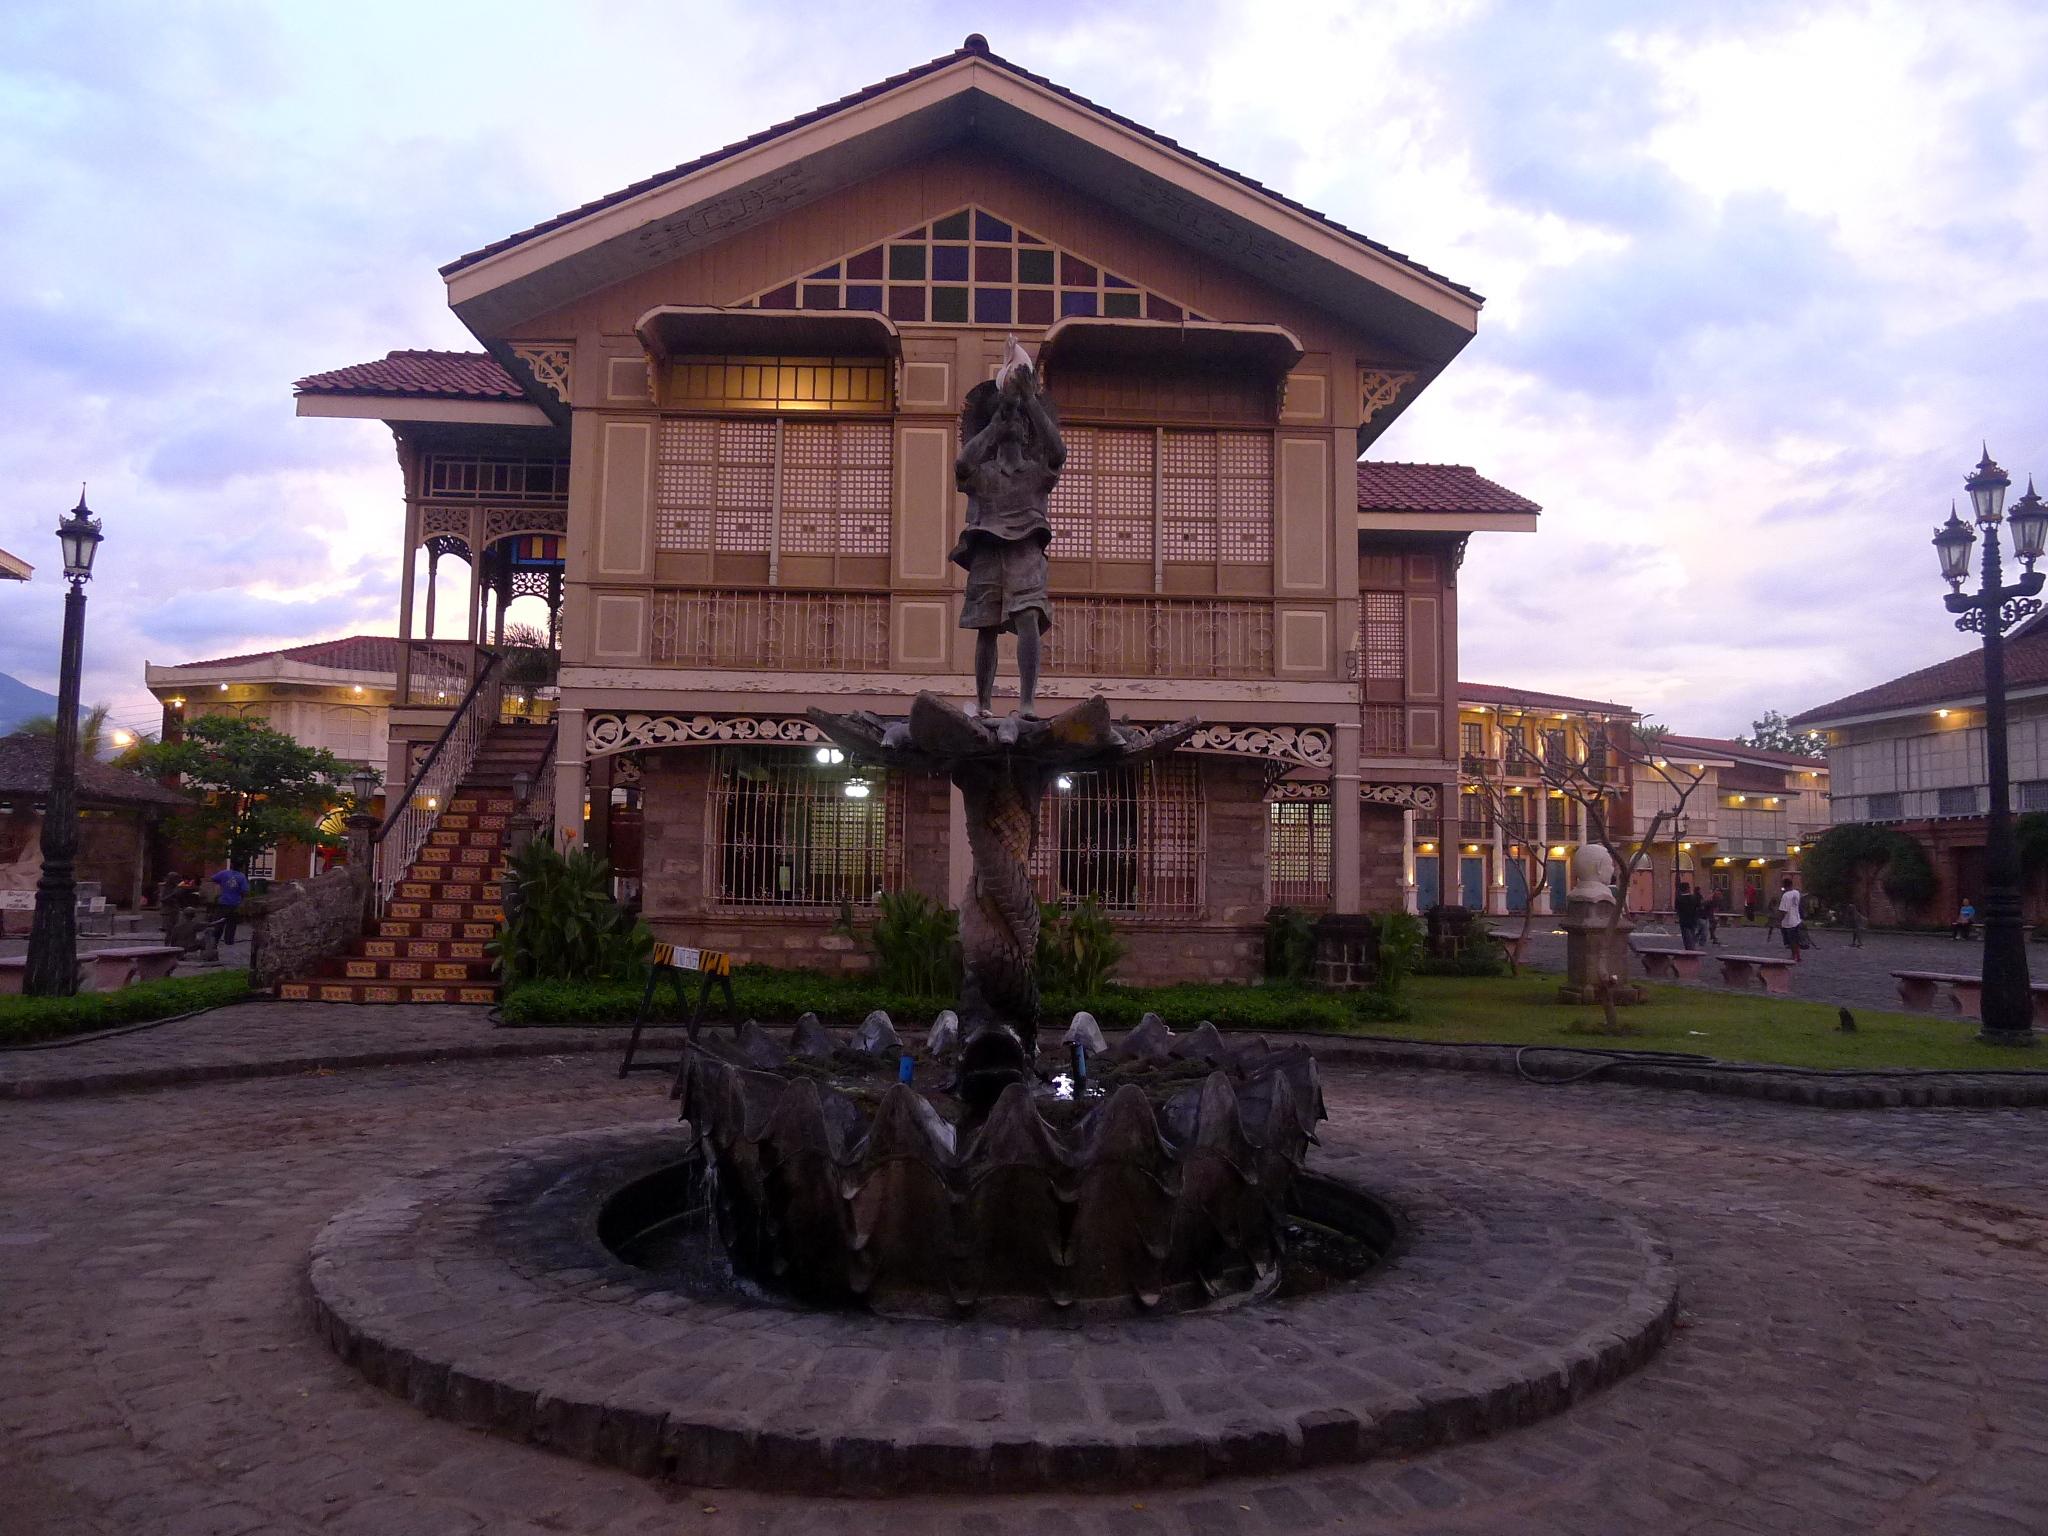 File:Casa Mexico, Las Casas Filipinas de Acuzar, Bataan.JPG